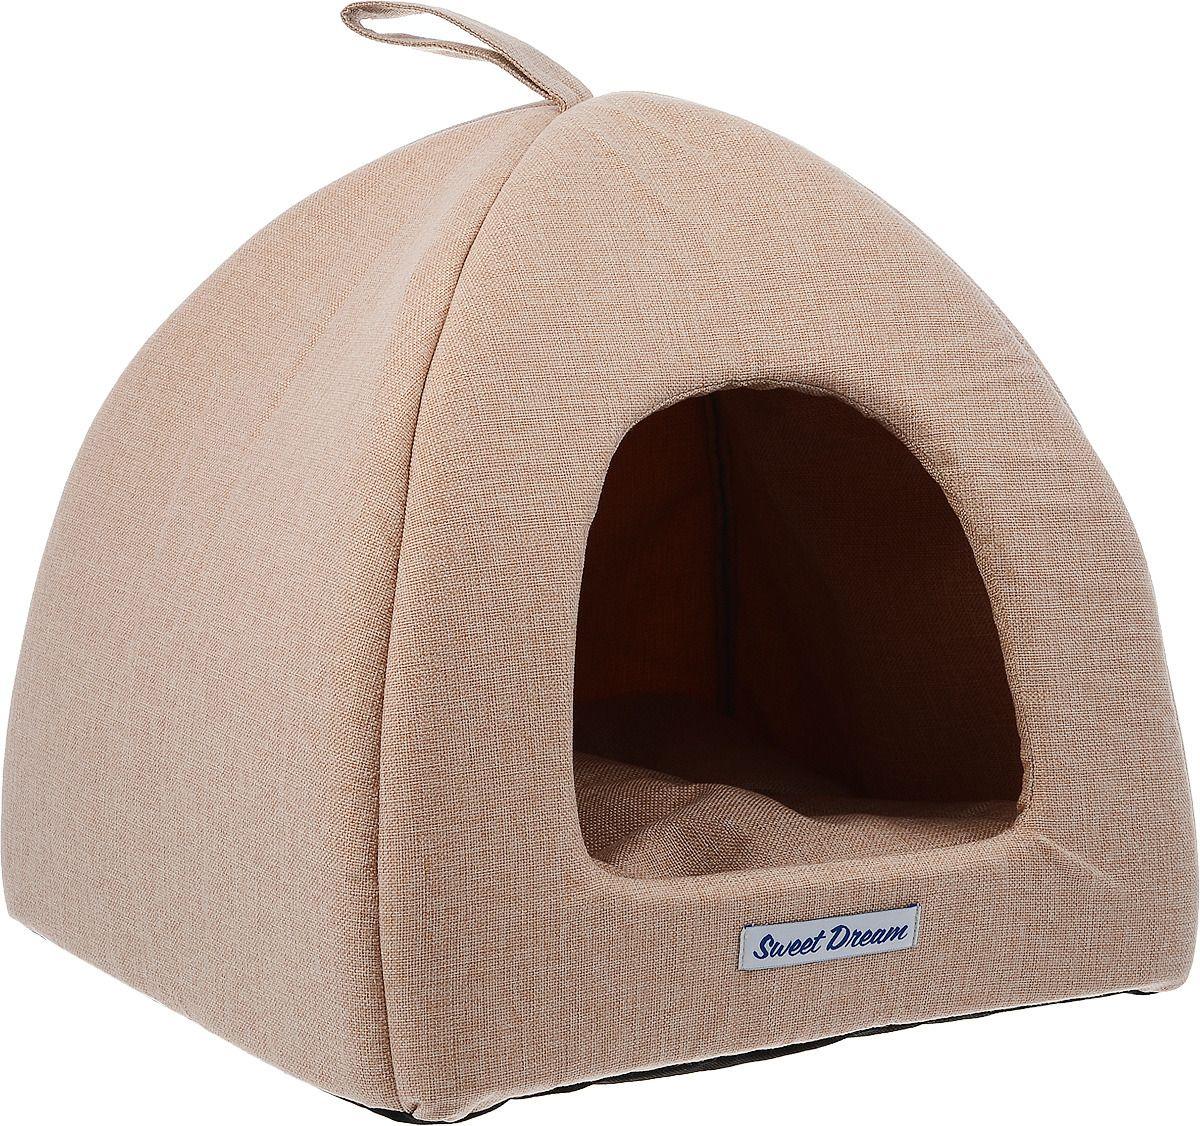 Домик для кошек и собак Бобровый Дворик Сладкий сон №1 светло-бежевый, 39x39x35см